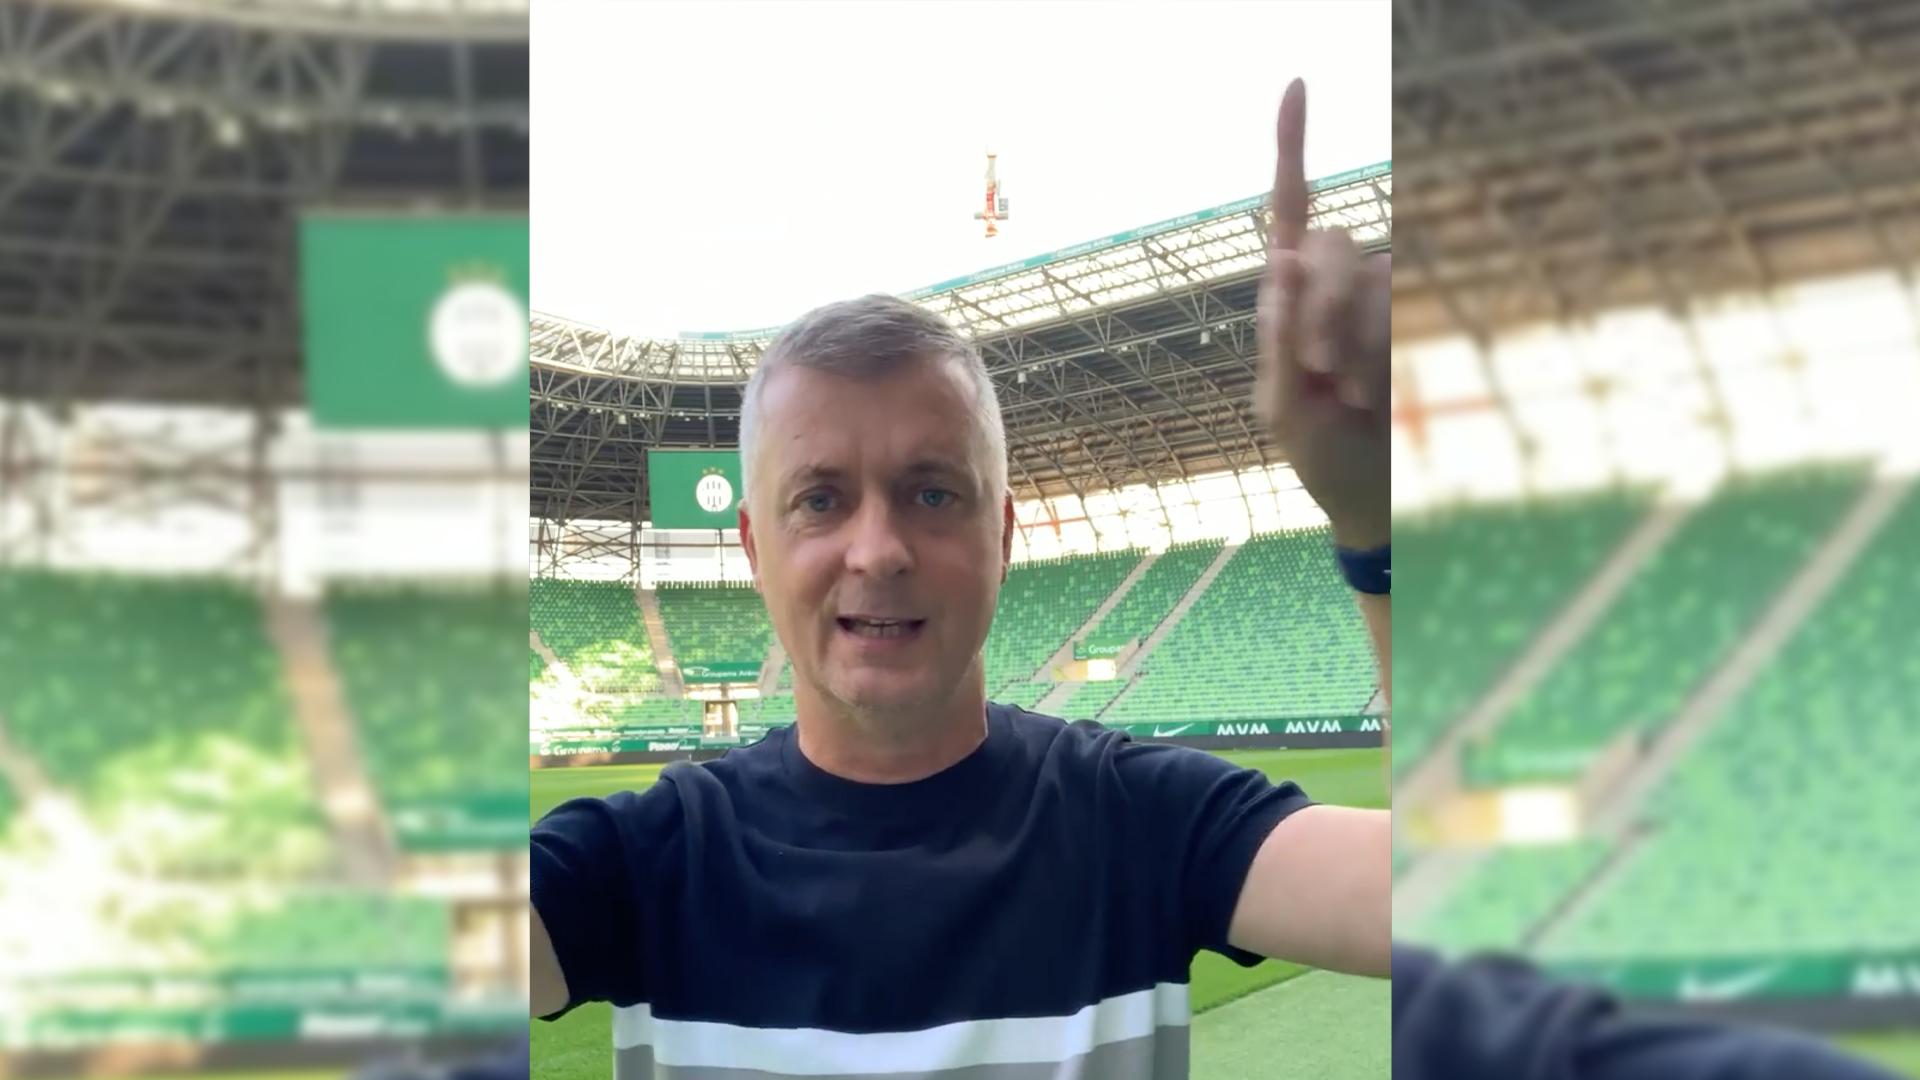 Kubatov videón mutatja be, hogyan kell karlendíteni úgy, hogy az ne legyen félreérthető